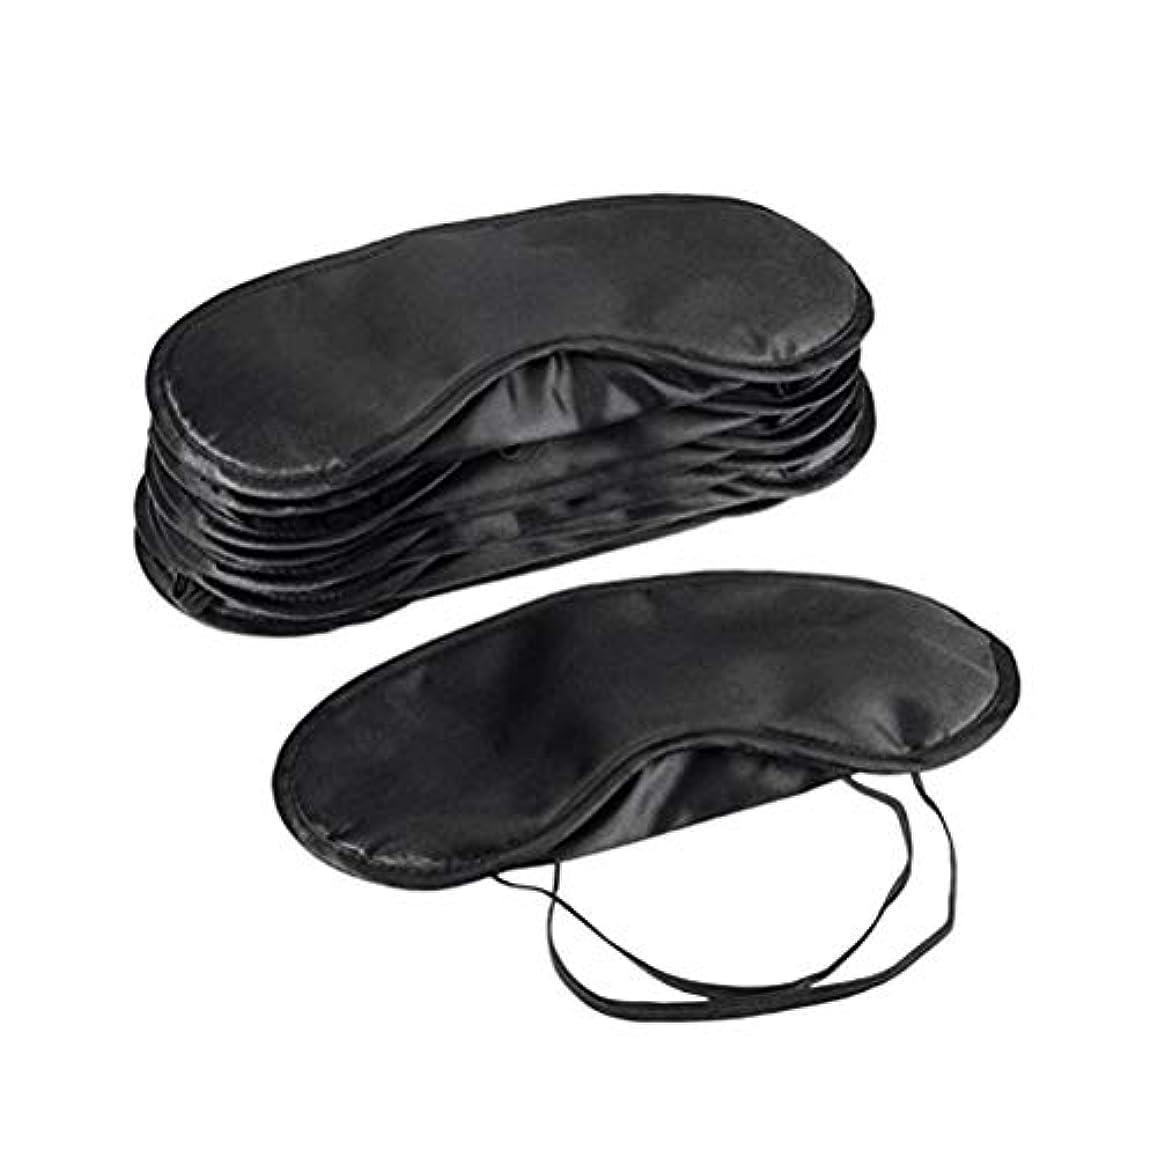 虎時計逆にBeaupretty 30ピースポリエステル睡眠アイマスク目隠しシェーディングアイパッチ軽量で快適なアイマスクアイプロテクション用航空トレーニング(ブラック)